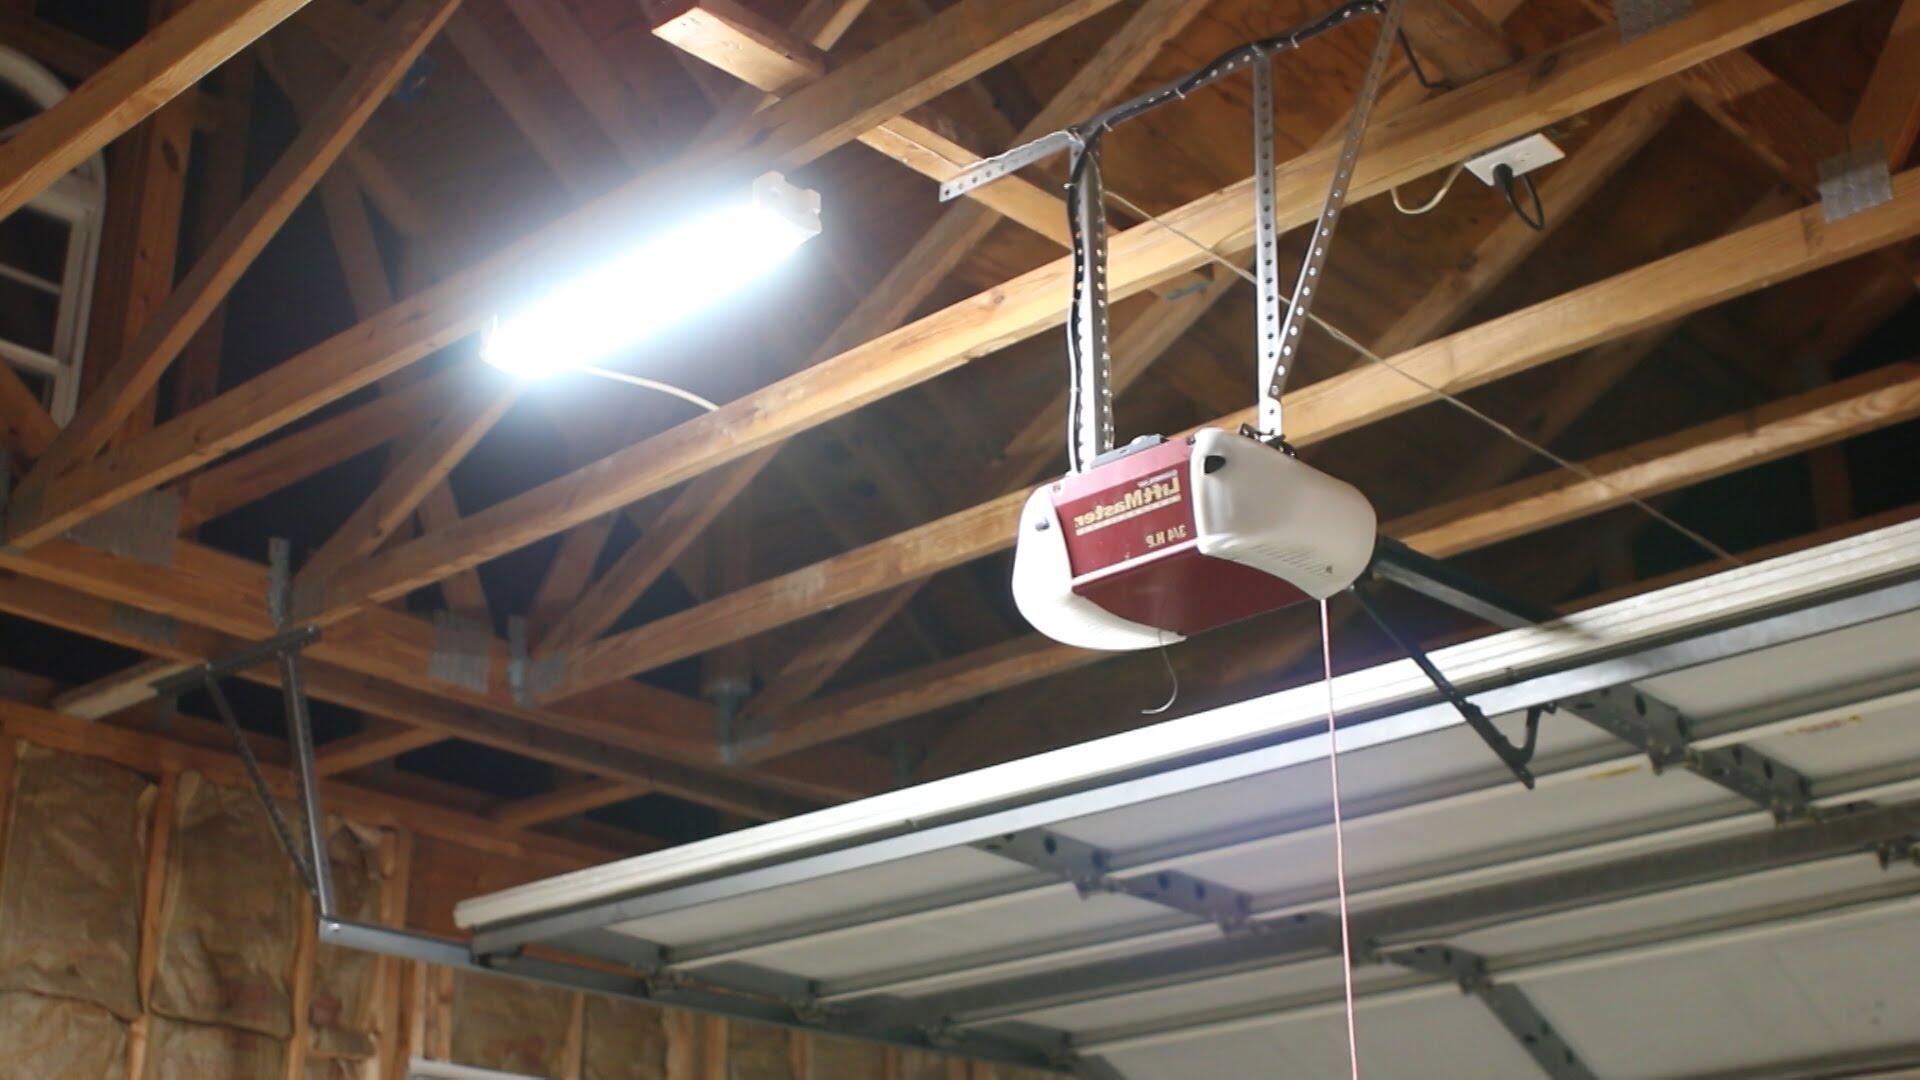 Quelle éclairage à mettre dans un atelier ?